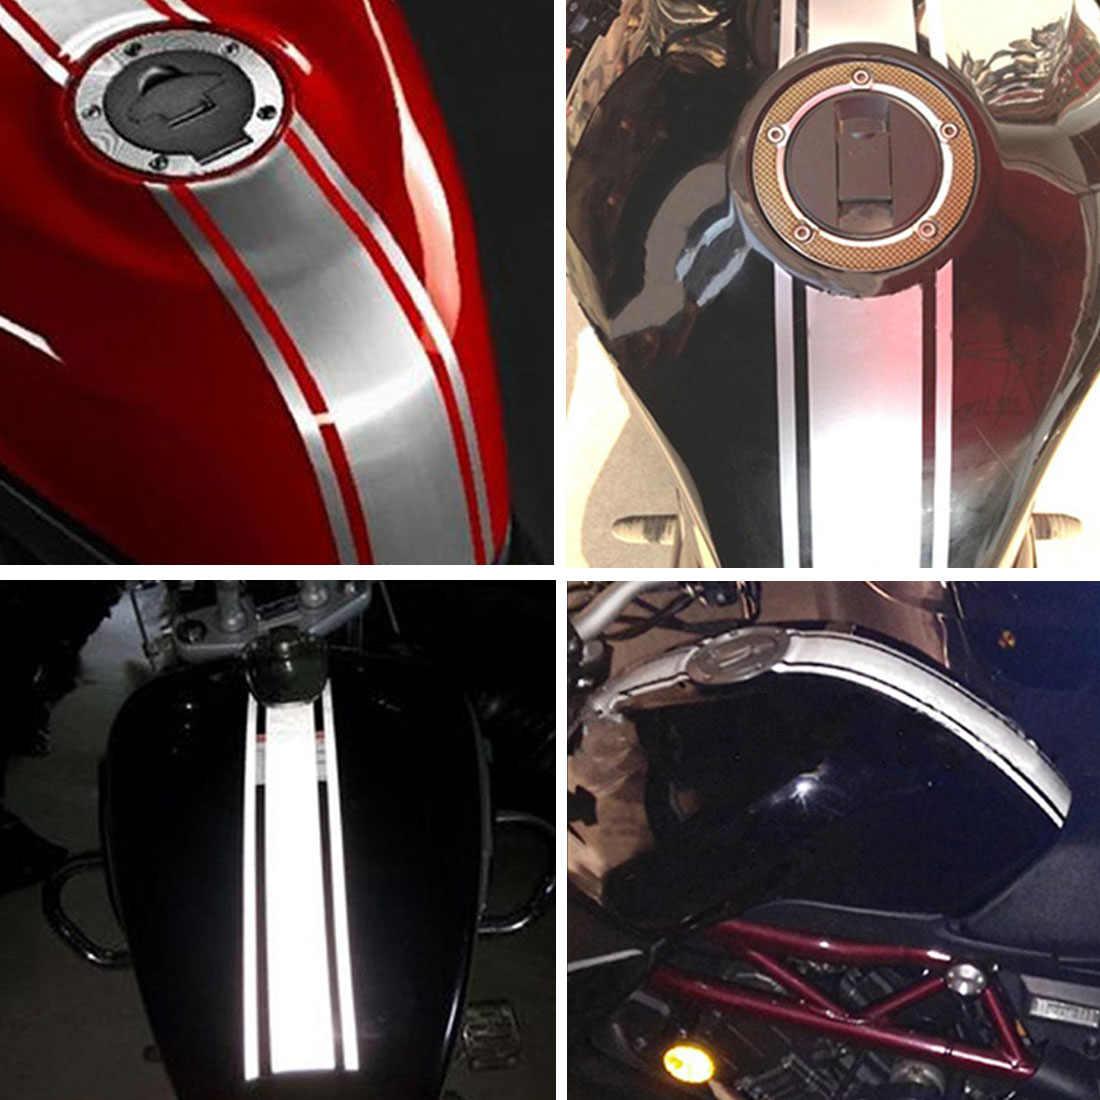 دراجة نارية خزان الوقود النفط وسادة ملصق ديكور لهوندا CB1100 GIO خاص CRF1000L أفريقيا التوأم CBF1000 A CB600F